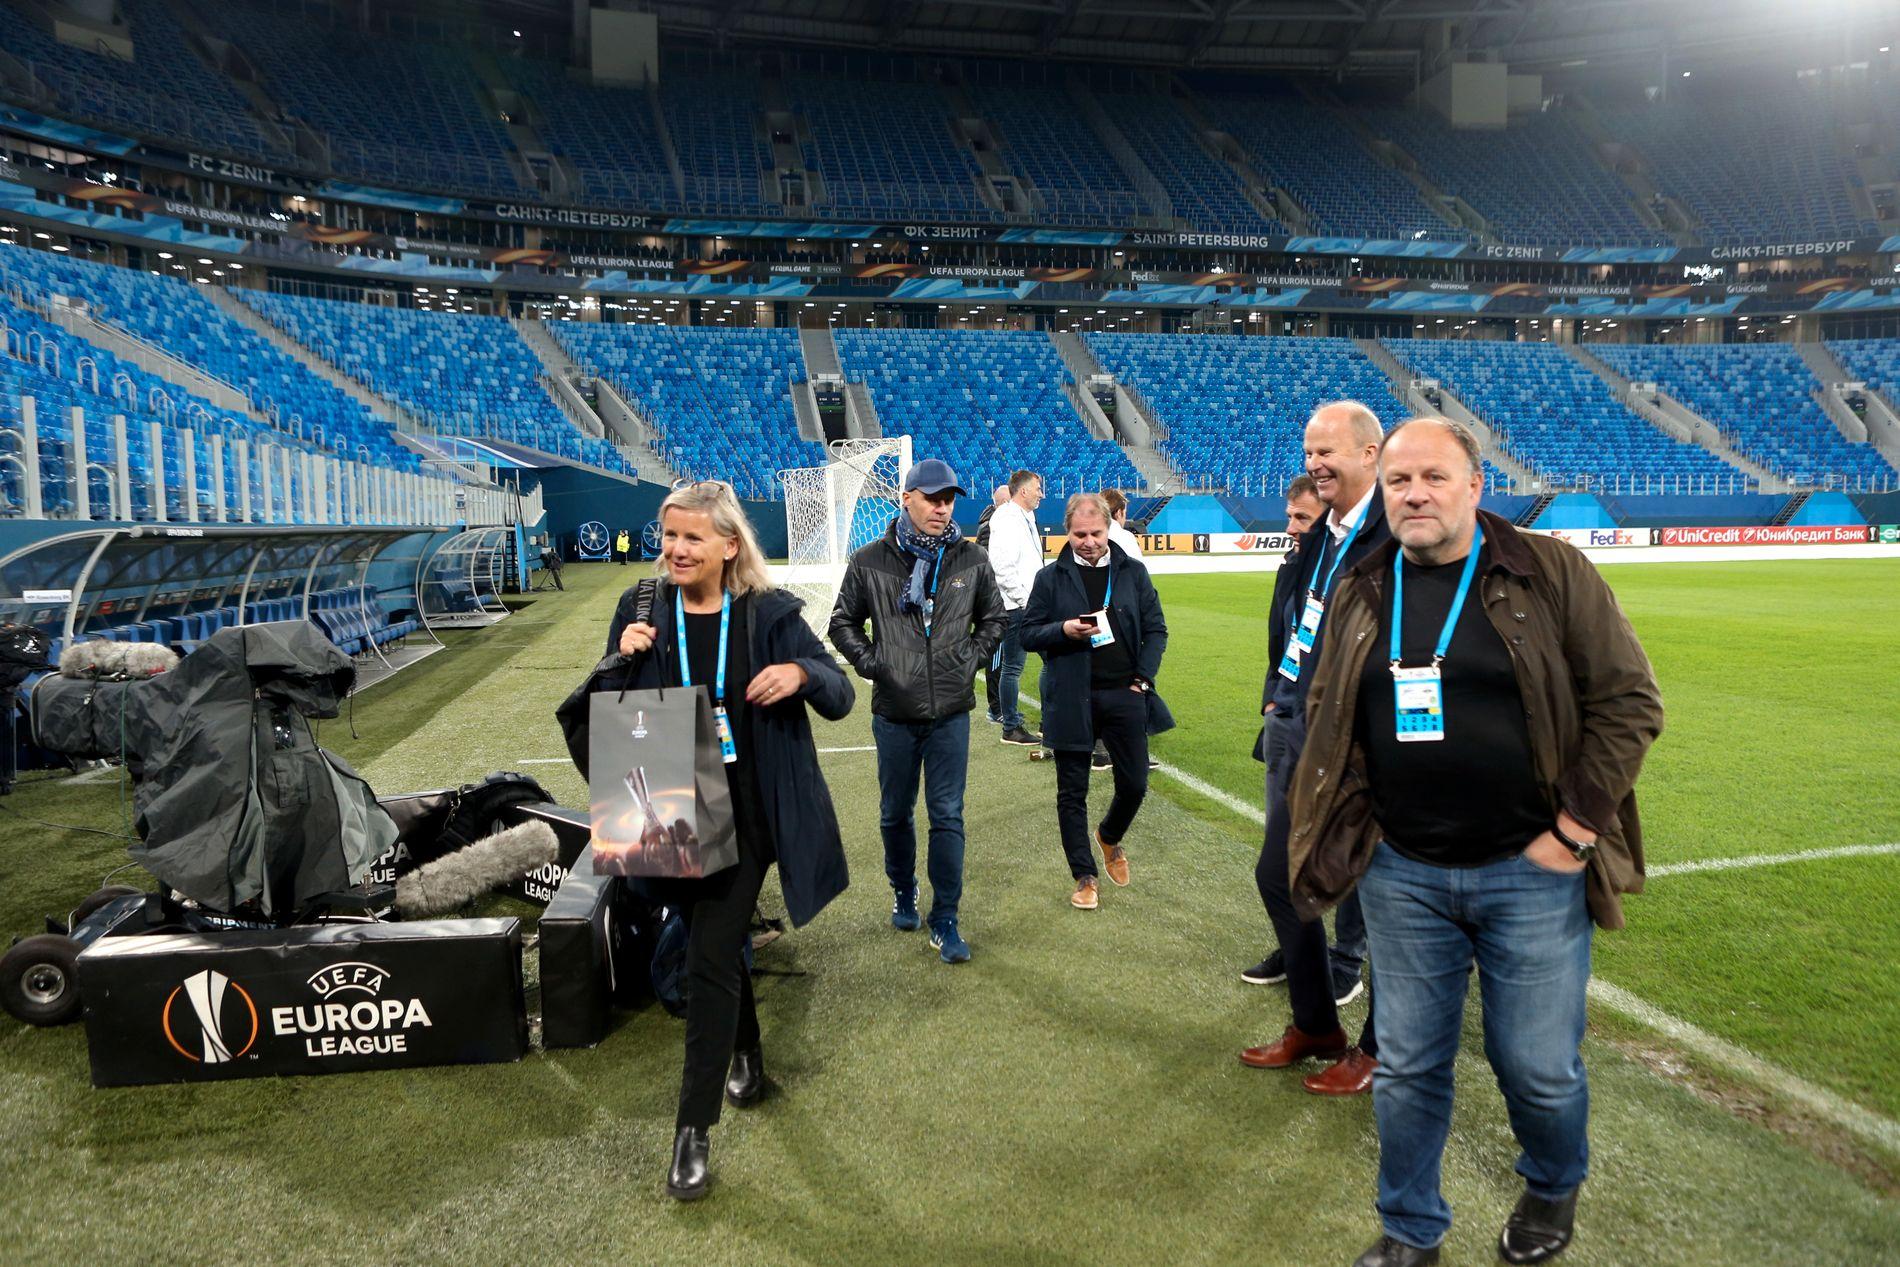 HOLDER RAPPORT HEMMELIG: Rosenborgs styreleder Ivar Koteng (t.h.) og direktør Tove Moe Dyrhaug (t.v.) på Zenit Arena i St. Petersburg i 2017.